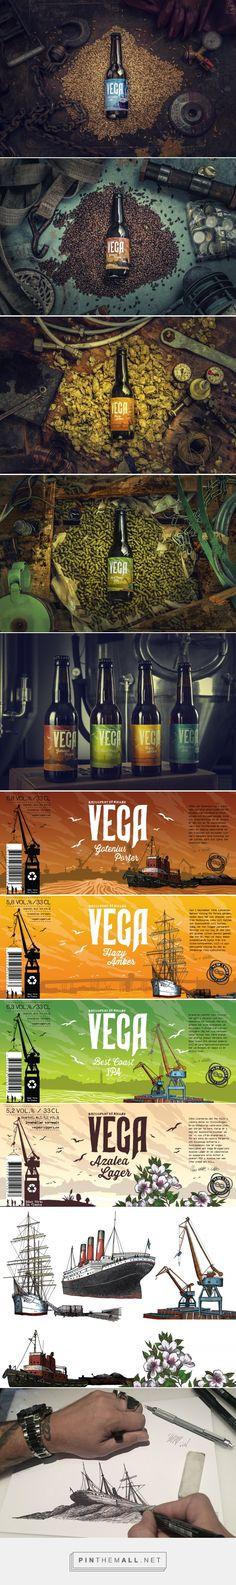 Vega Bryggeri beer label design by DQ - Depero Quadrigea - http://www.packagingoftheworld.com/2016/11/vega-bryggeri-concept.html